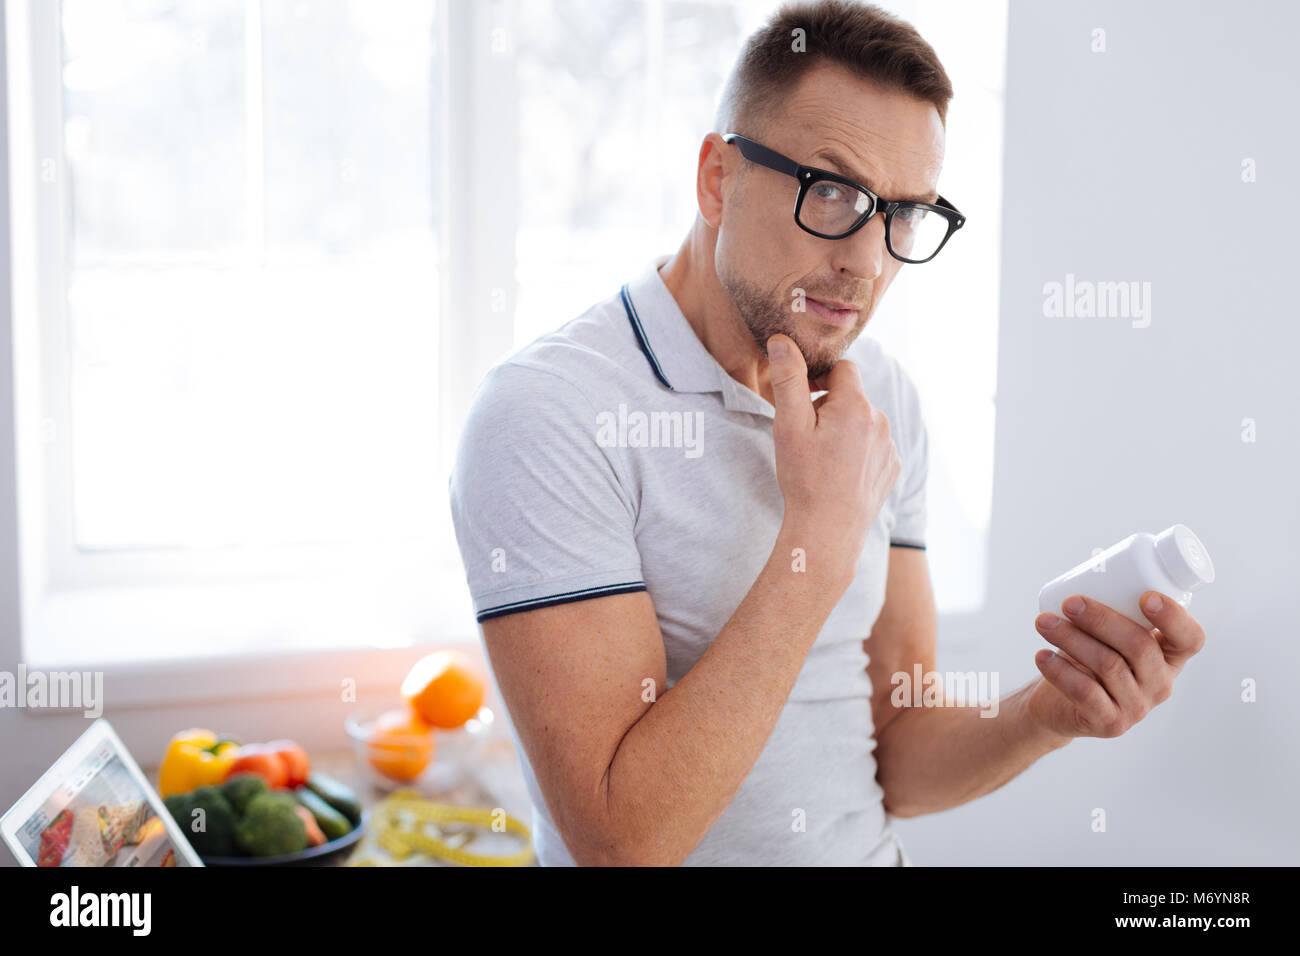 Nachdenklich nachdenklich Mann Studium biohacking Droge Stockbild